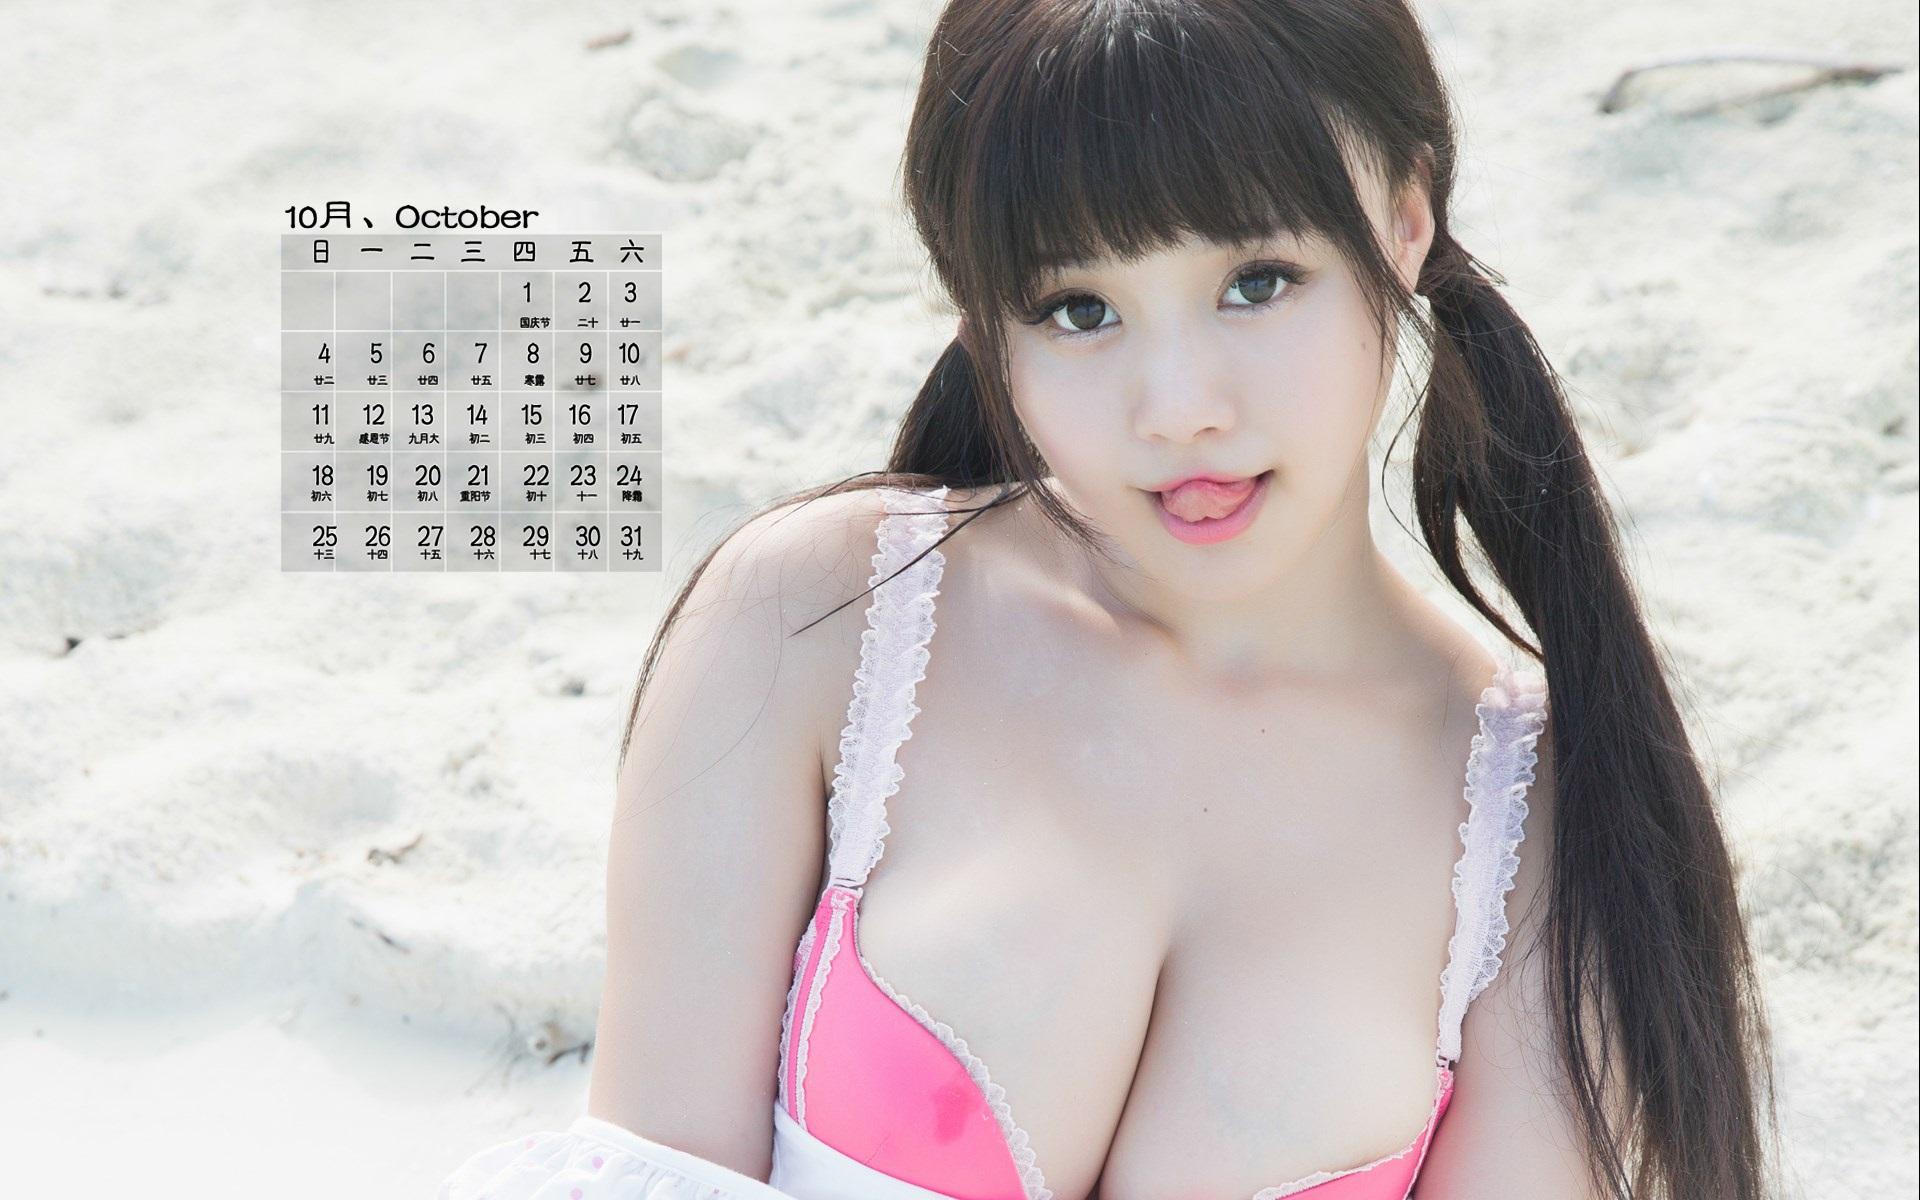 2015年十月性感美女日歷電腦桌面壁紙